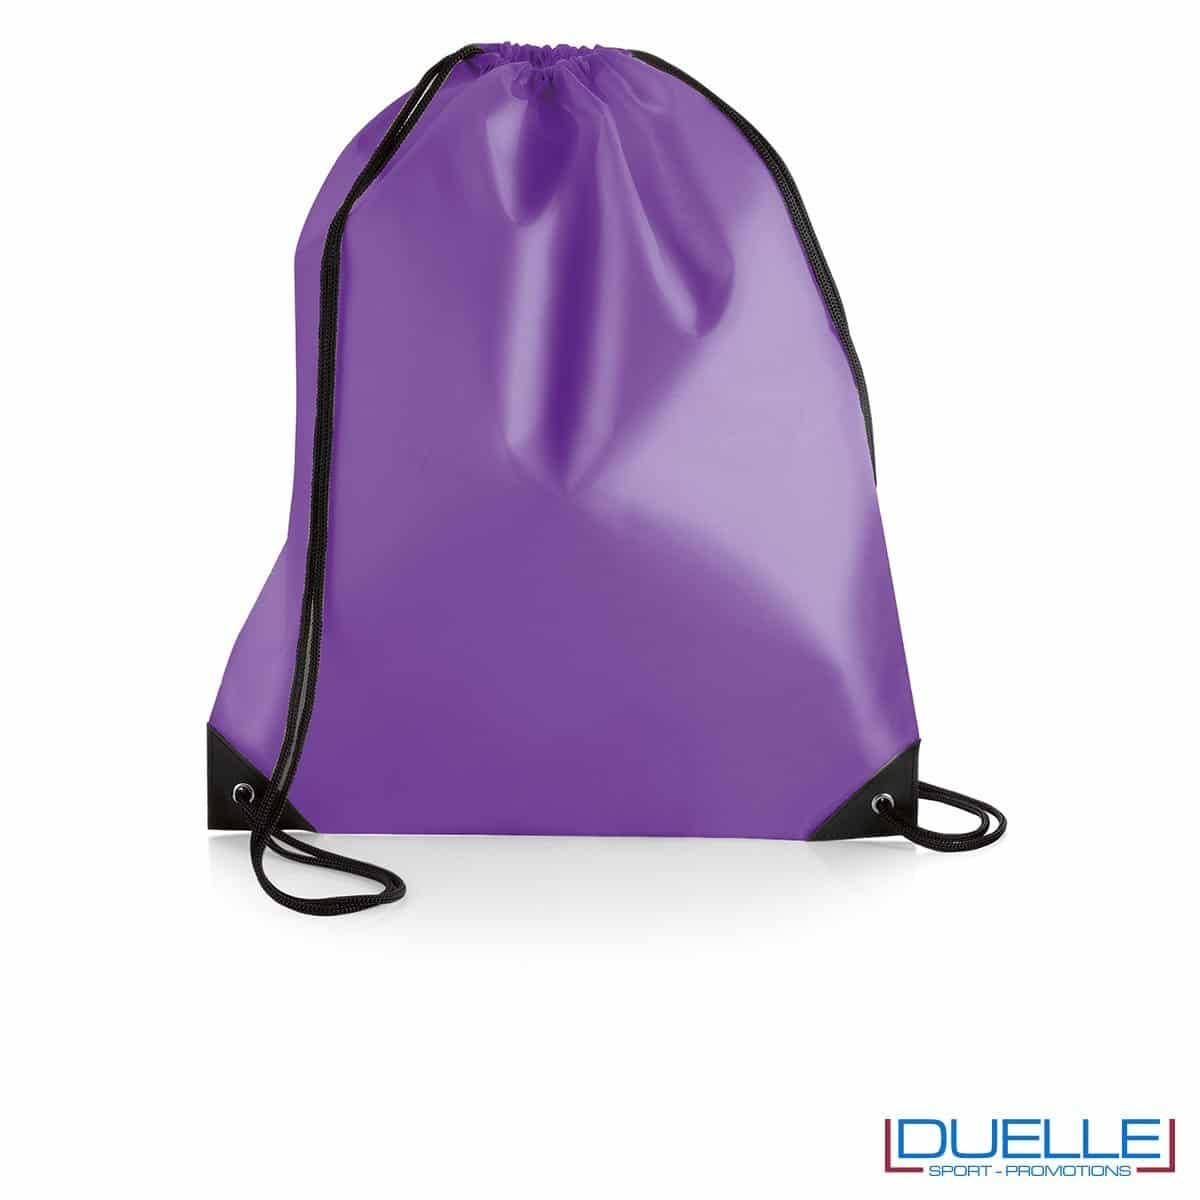 Zainetto impermeabile in nylon colore viola